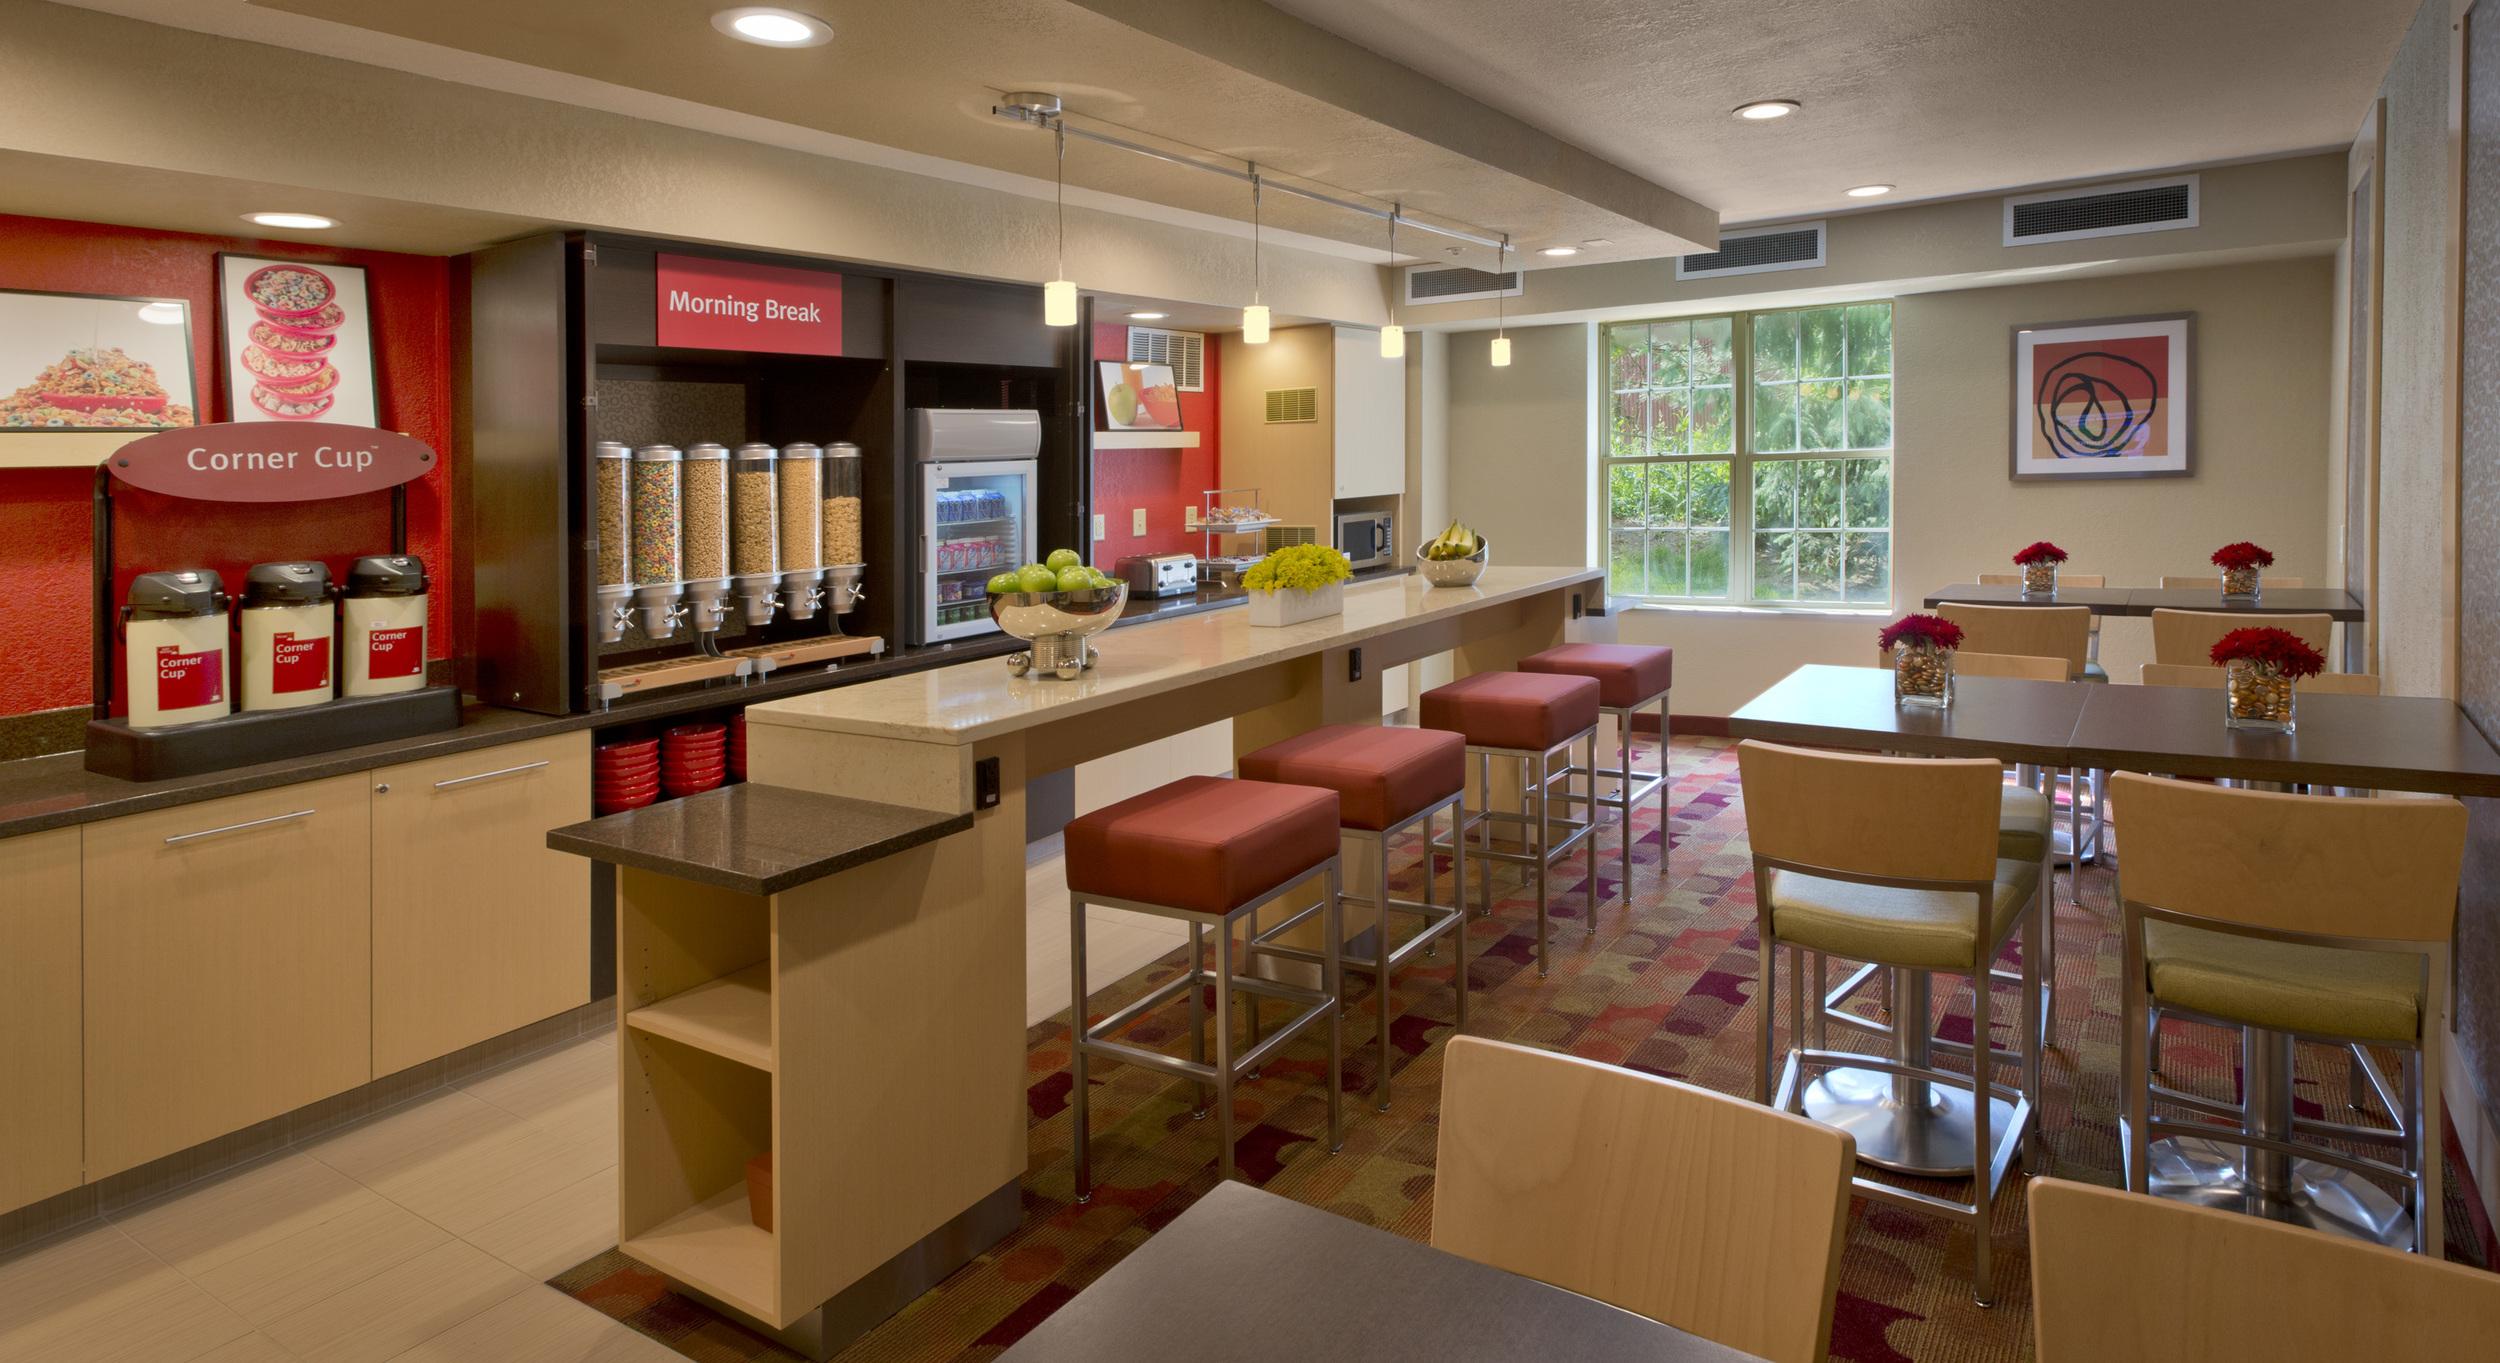 Towne Place Suites renovation 1